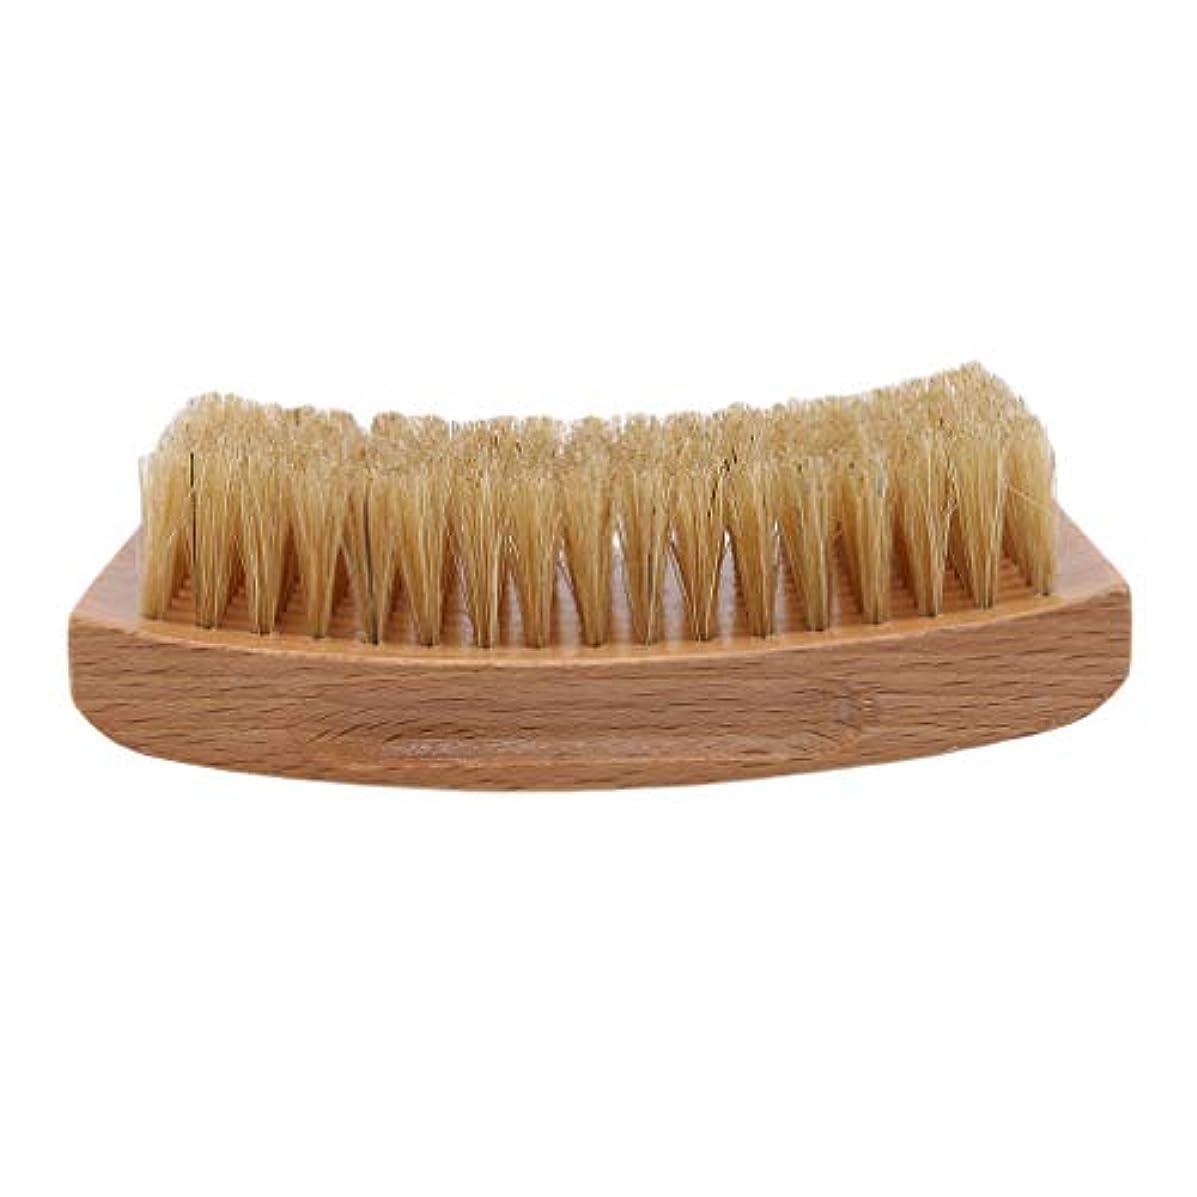 偽物広範囲にインストールLargesoy ひげブラシ シェービングブラシ 理容 洗顔 髭剃り 泡立ち ひげ剃り 美容ツール シェービング用アクセサリー 1#